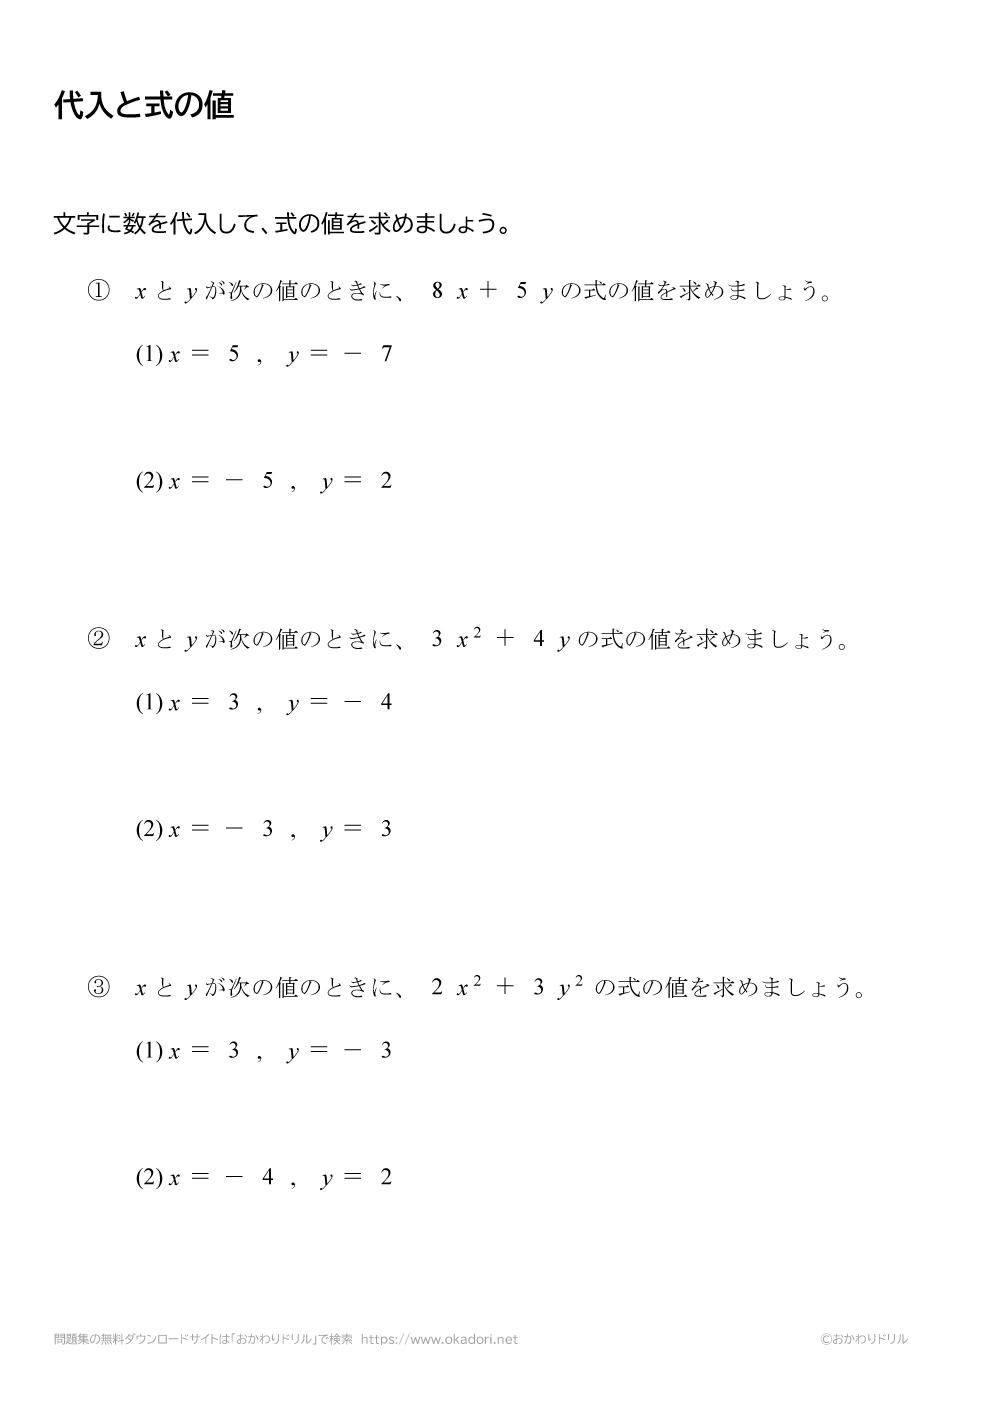 代入と式の値4